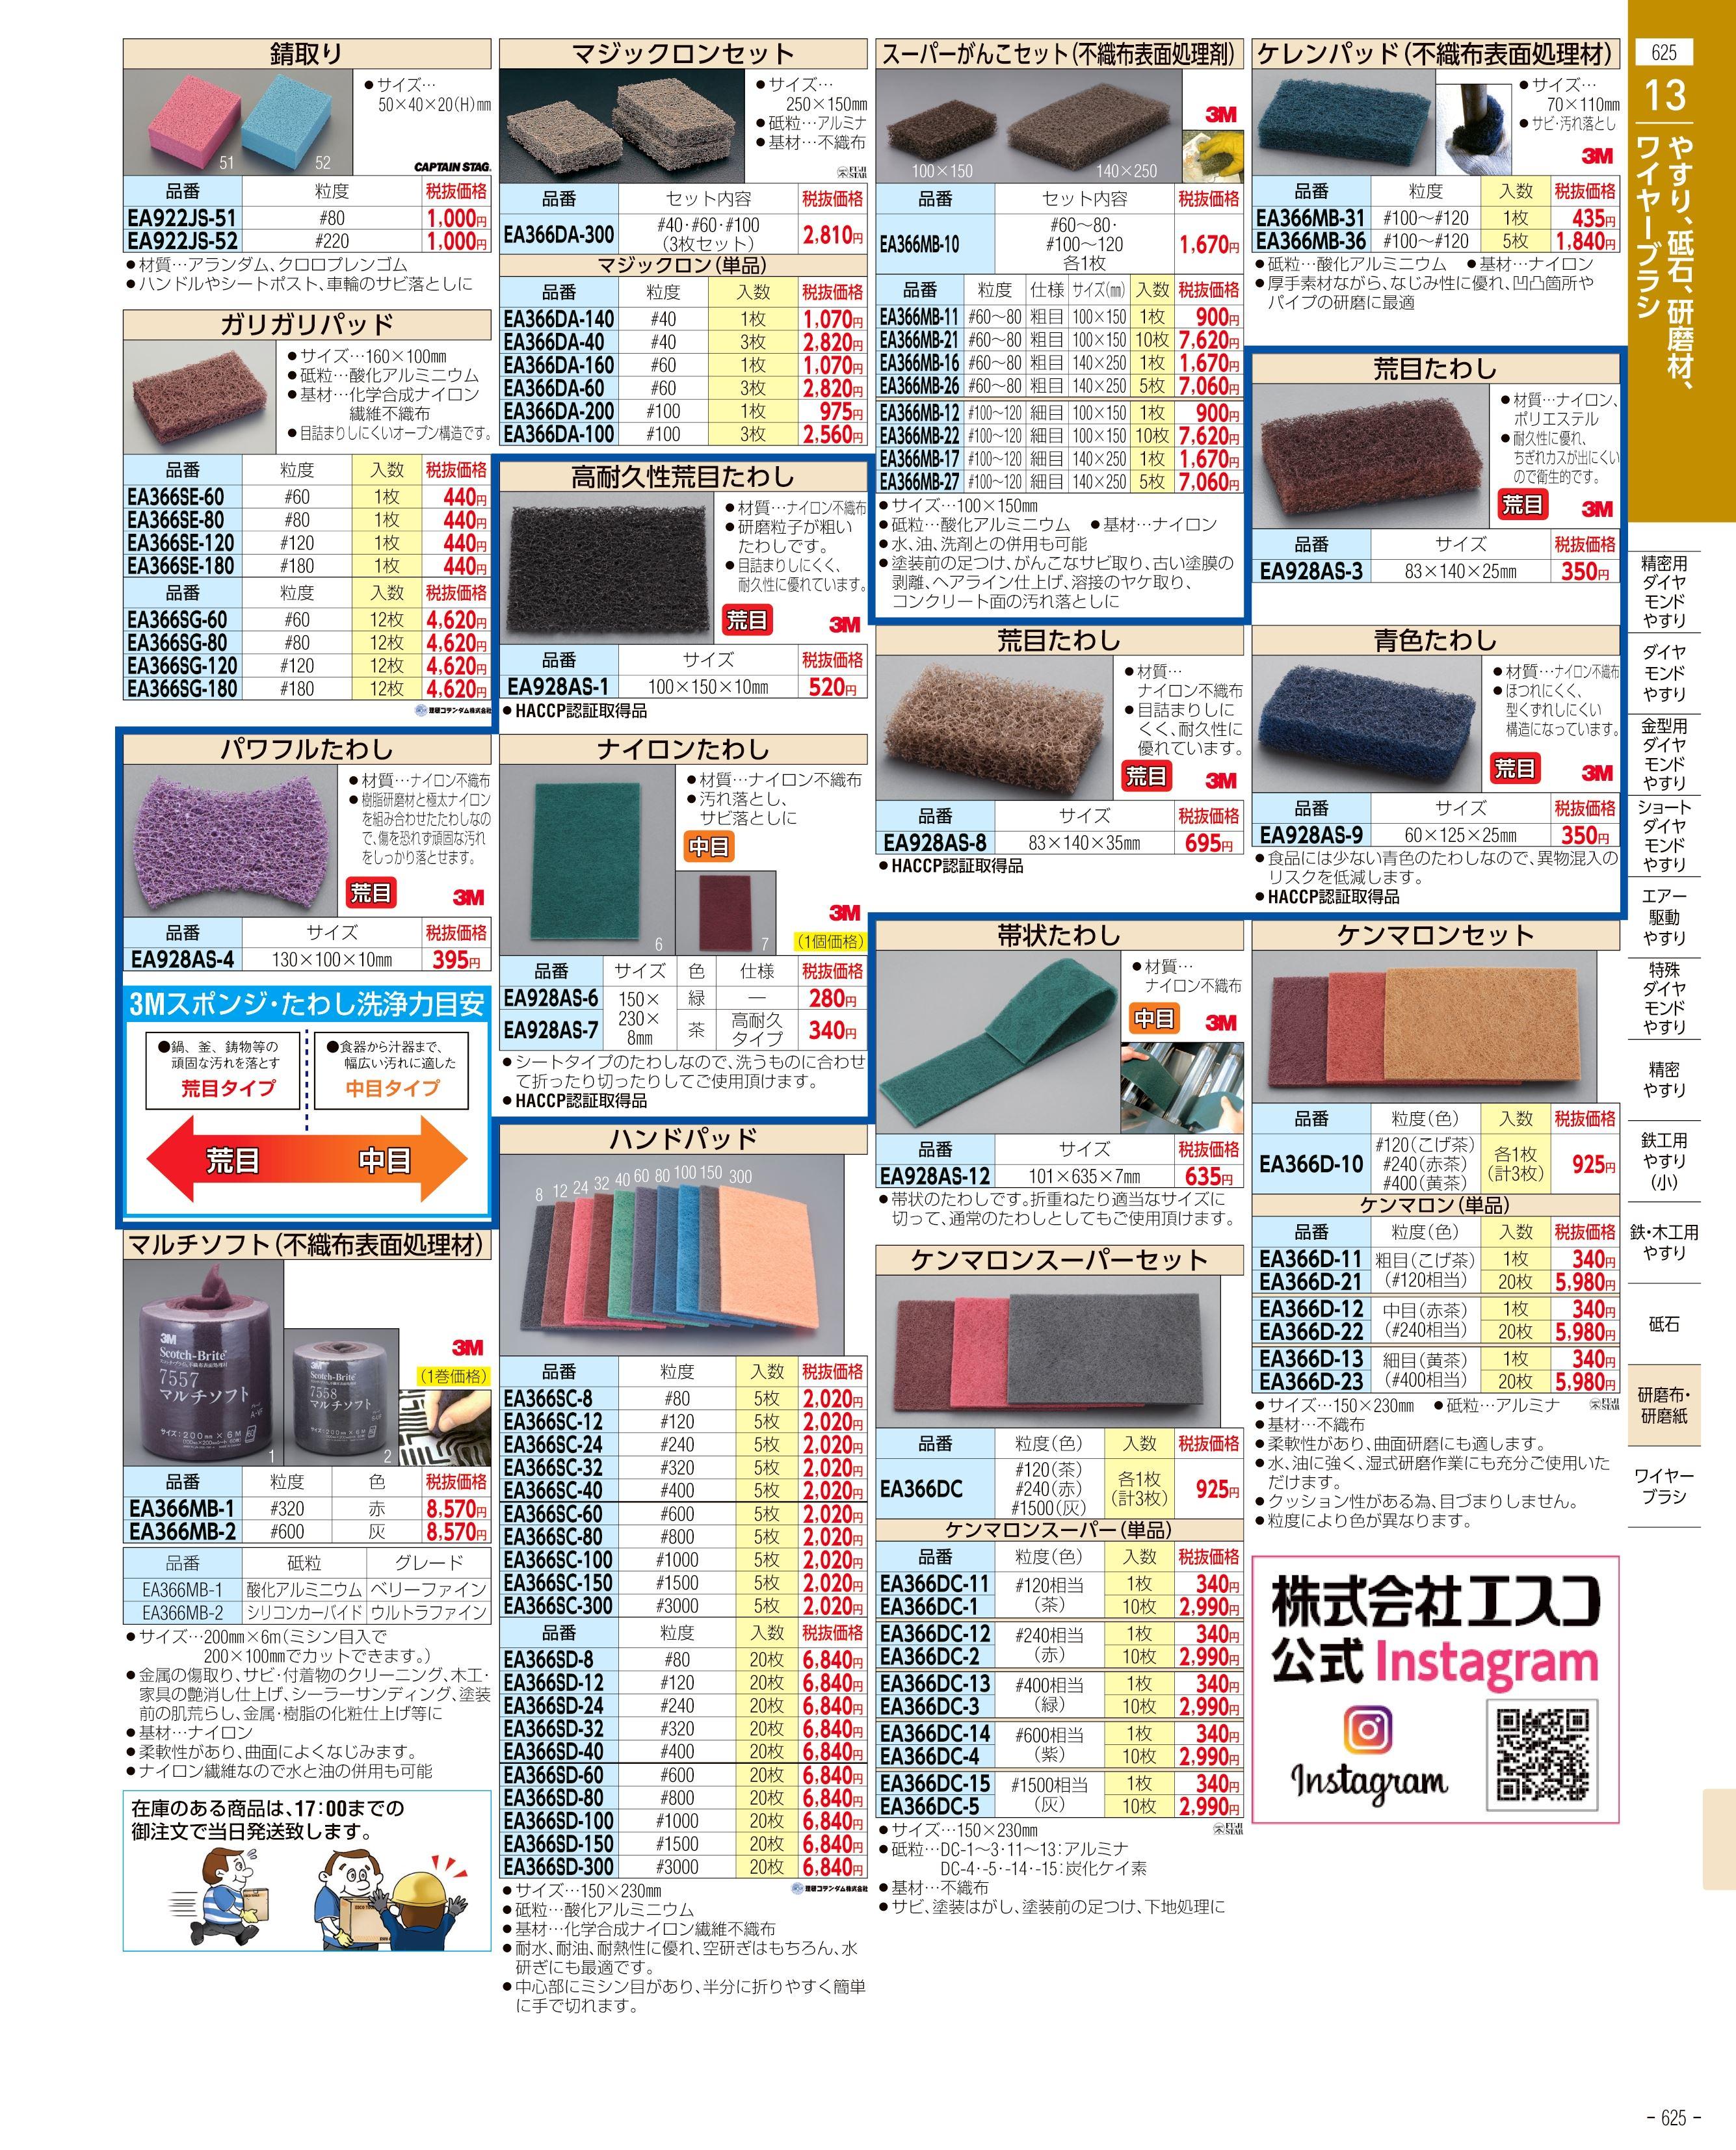 エスコ便利カタログ625ページ